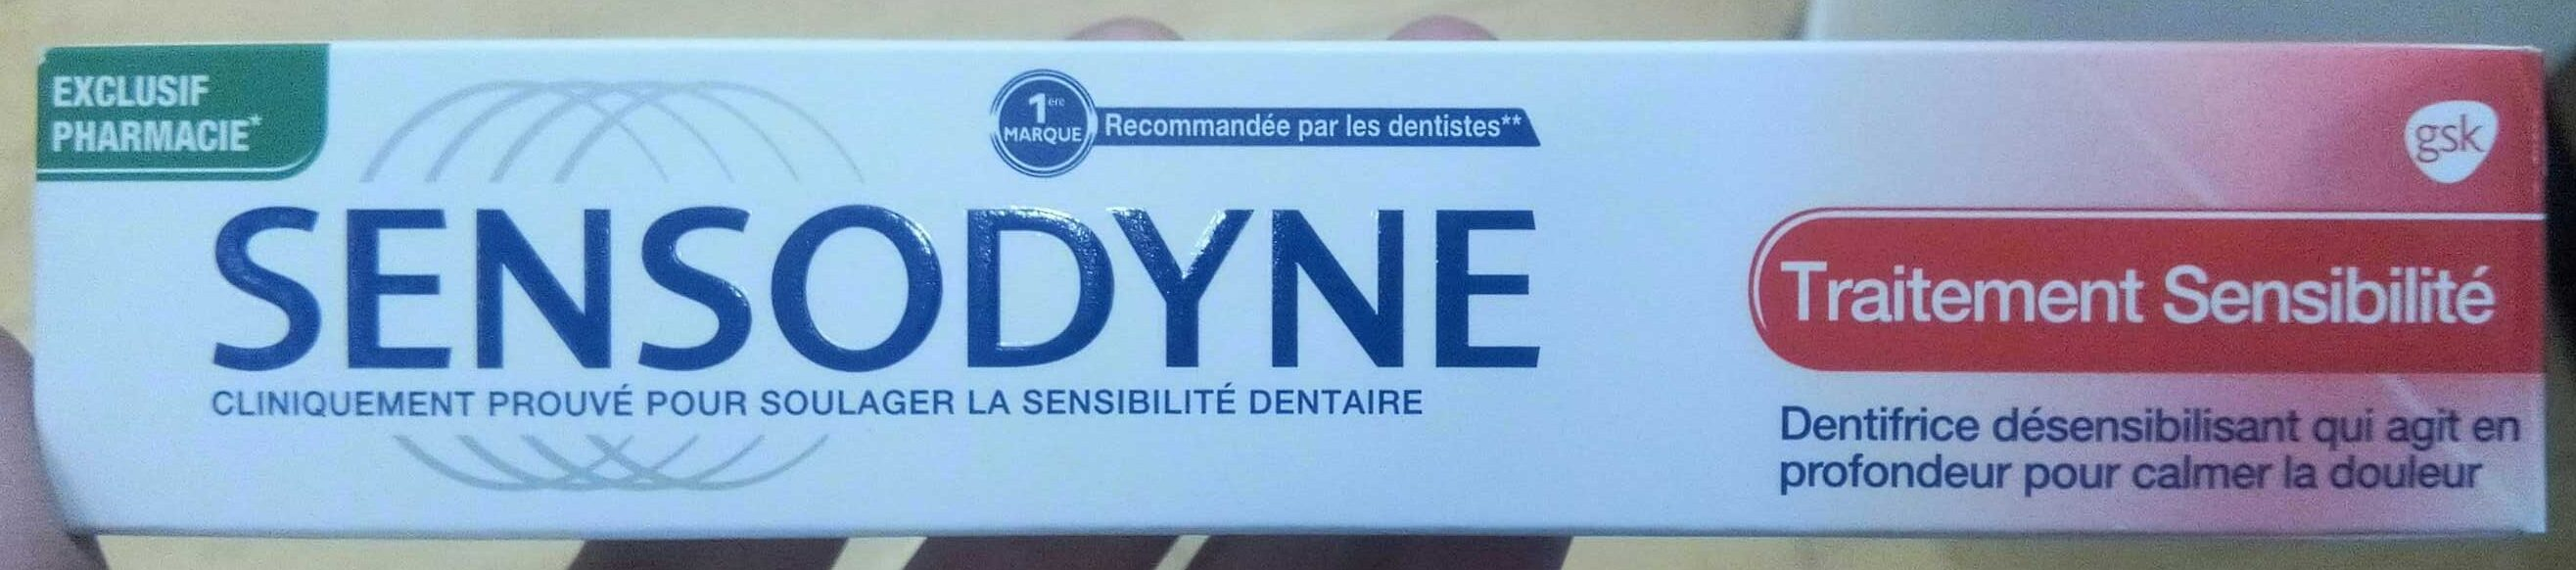 Dentifrice désensibilisant - Product - fr